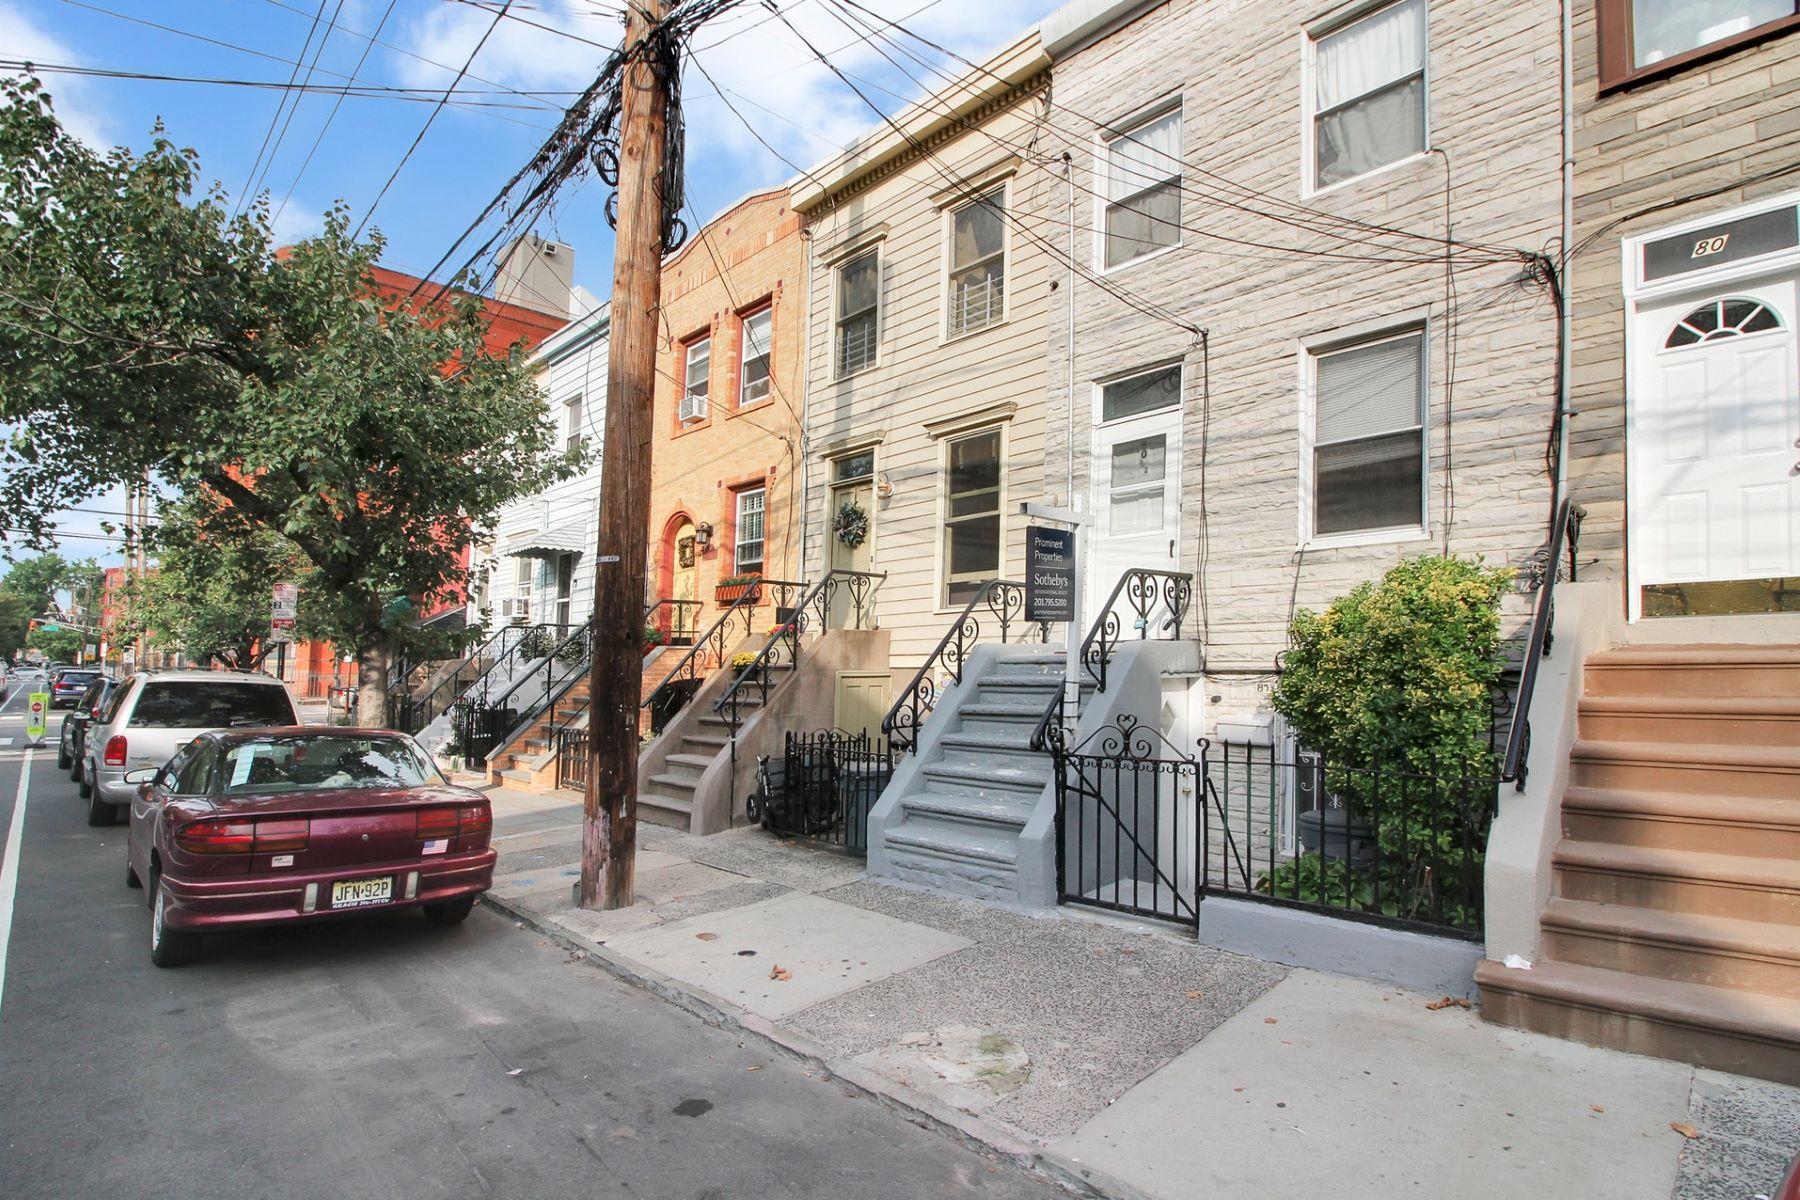 Casa Unifamiliar por un Venta en Location, location, location! 80.5 Erie St Jersey City, Nueva Jersey 07302 Estados Unidos